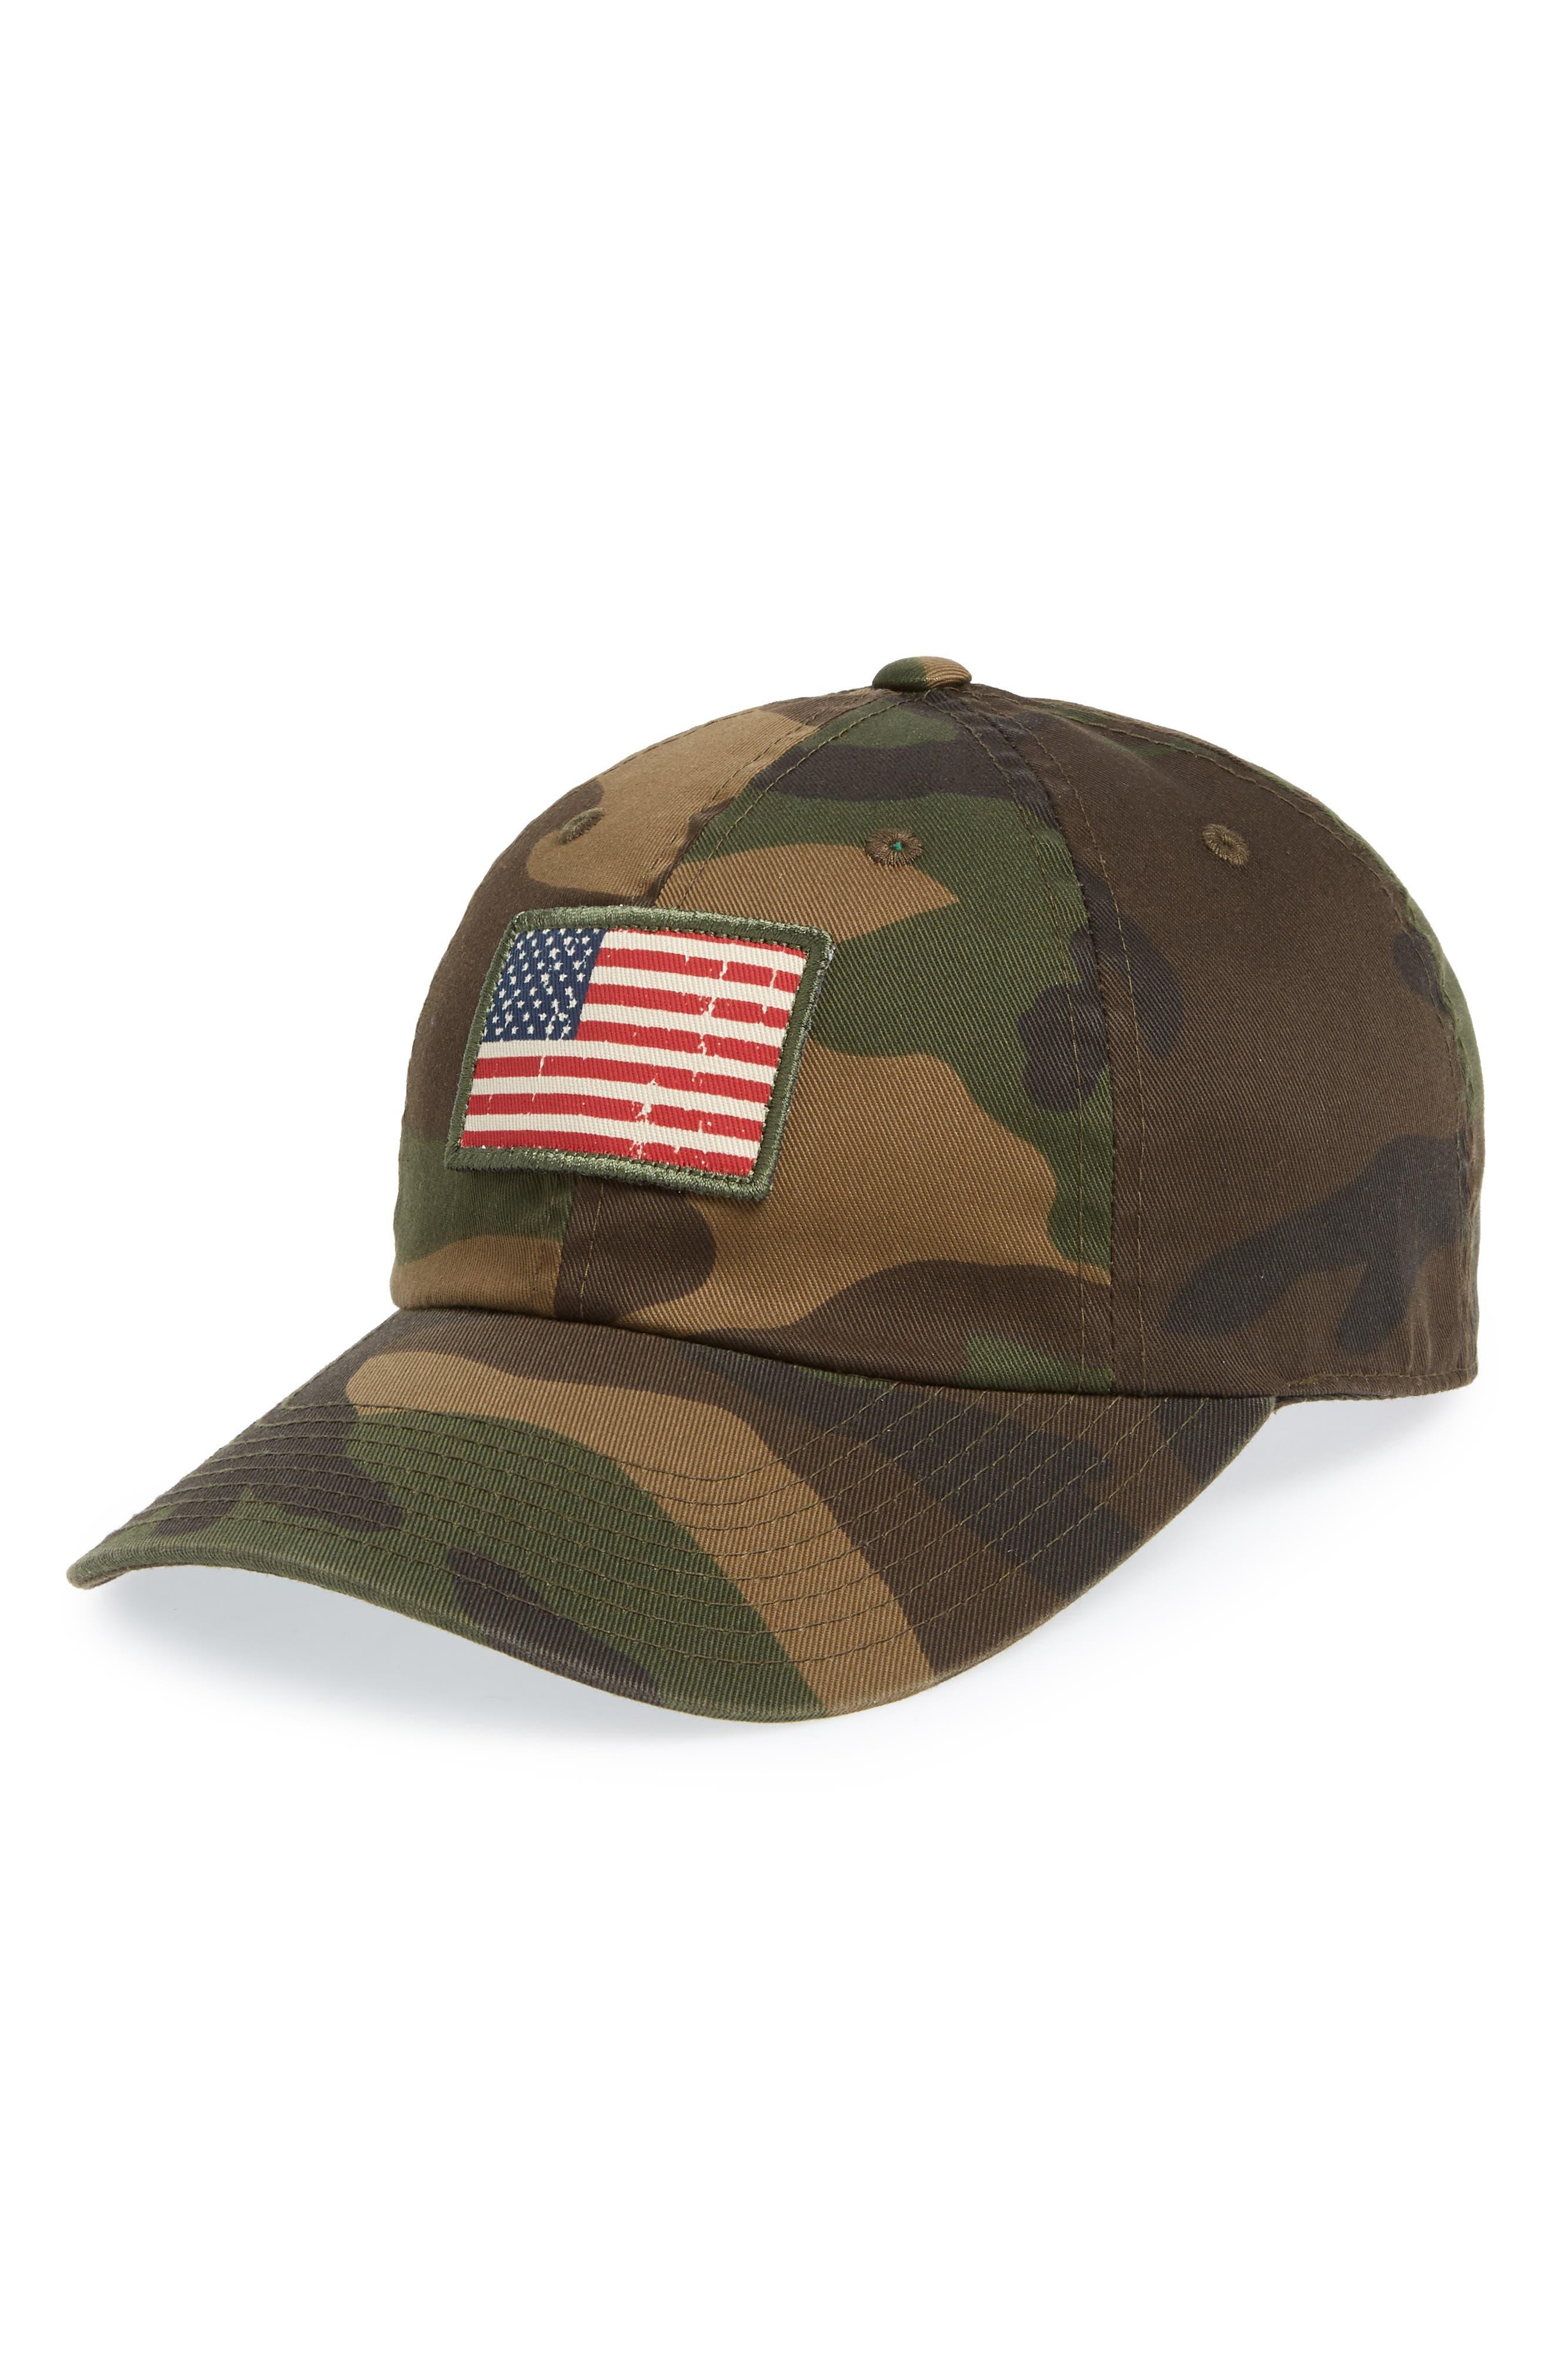 Badger - USA Ball Cap,                         Main,                         color, 312